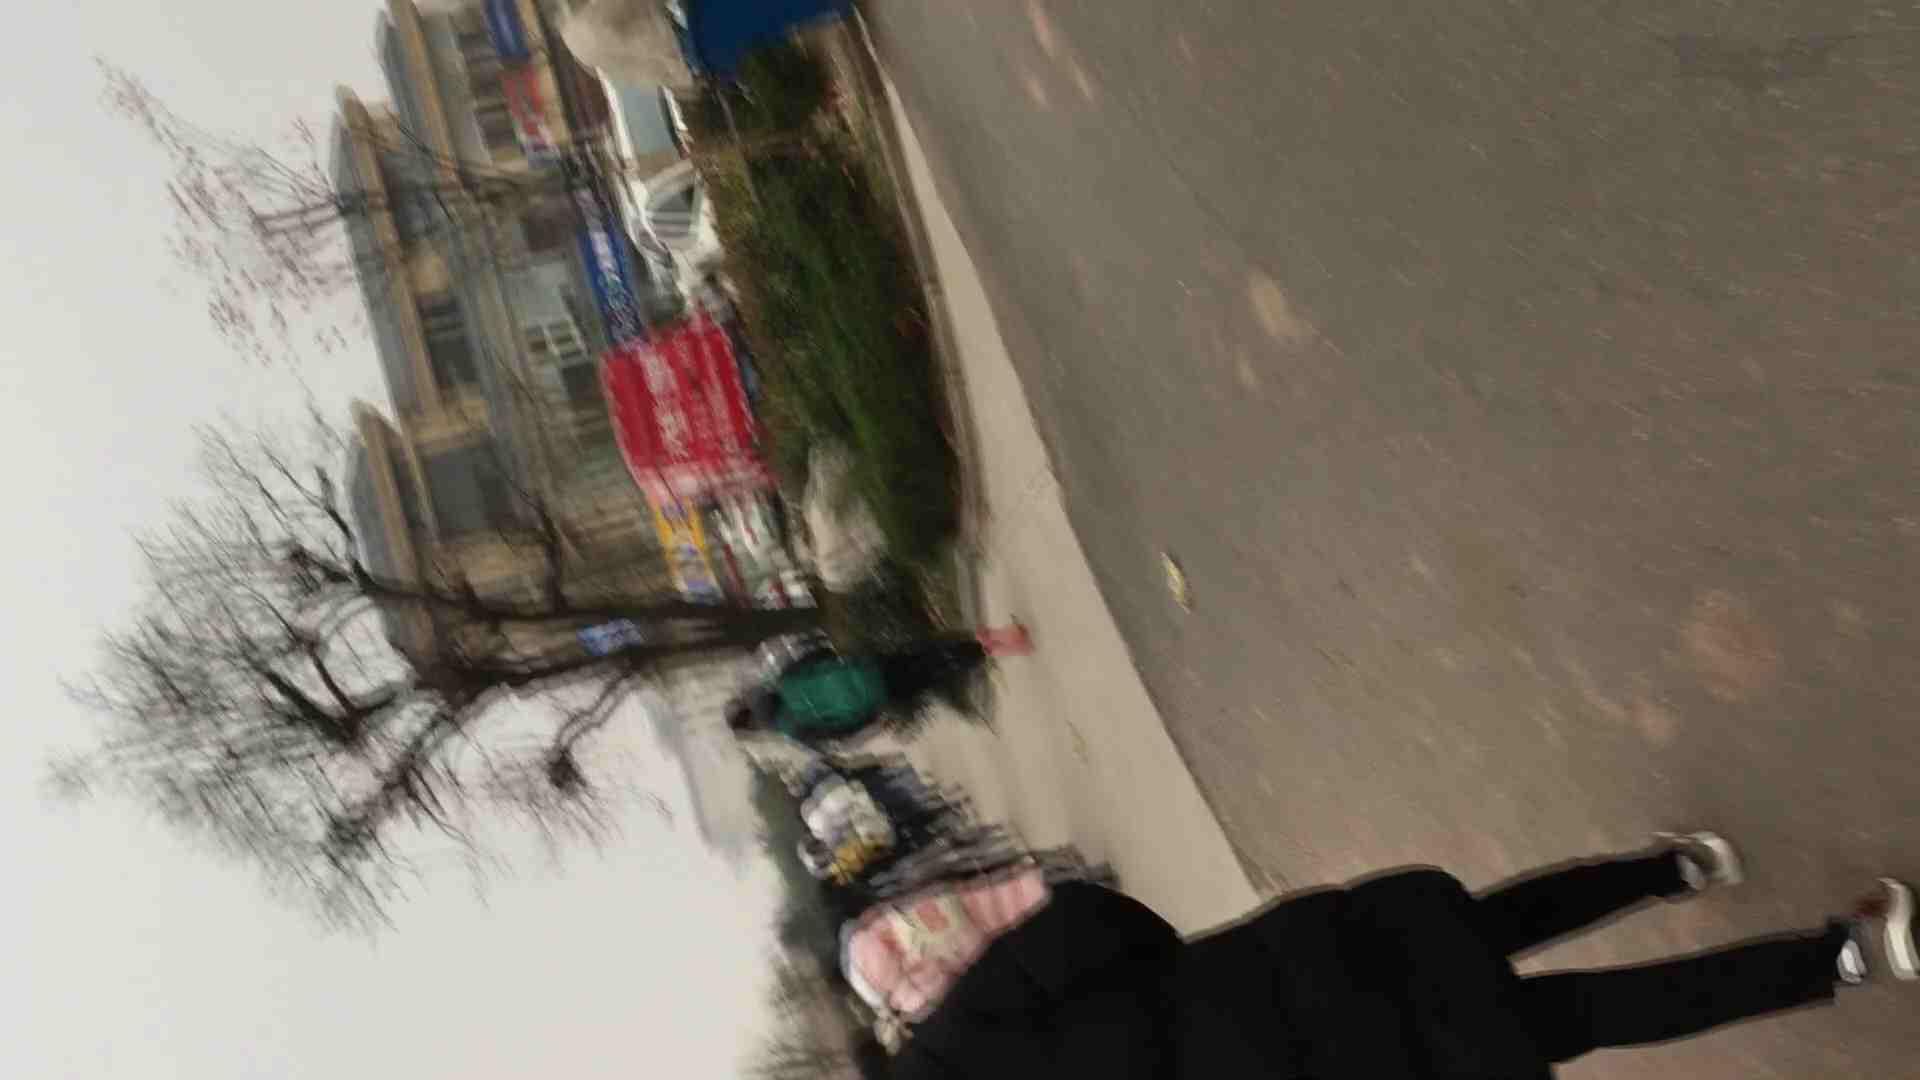 芸術大学ガチ潜入盗撮 JD盗撮 美女の洗面所の秘密 Vol.89 美女 すけべAV動画紹介 75枚 45